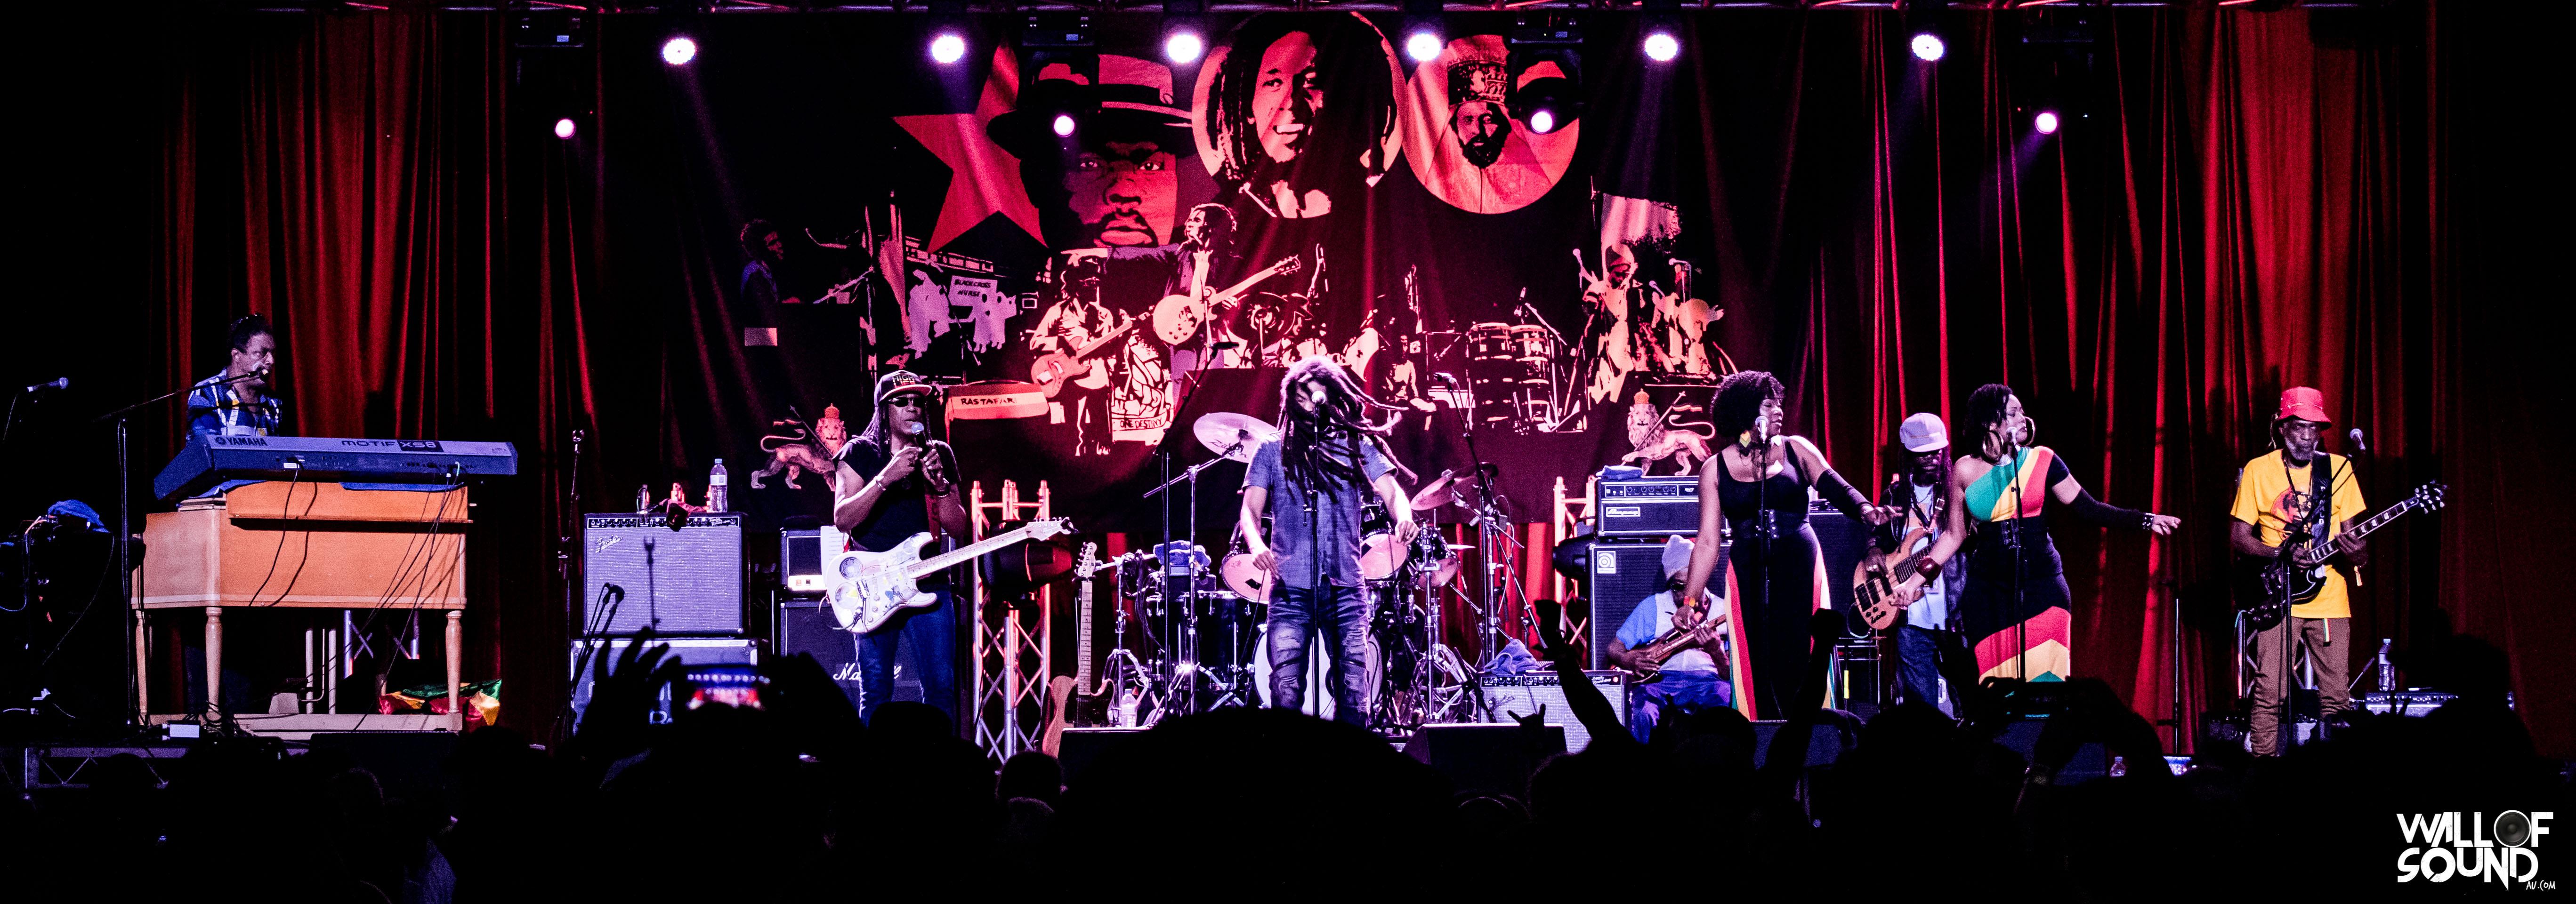 The Wailers @ Bluesfest 18-1